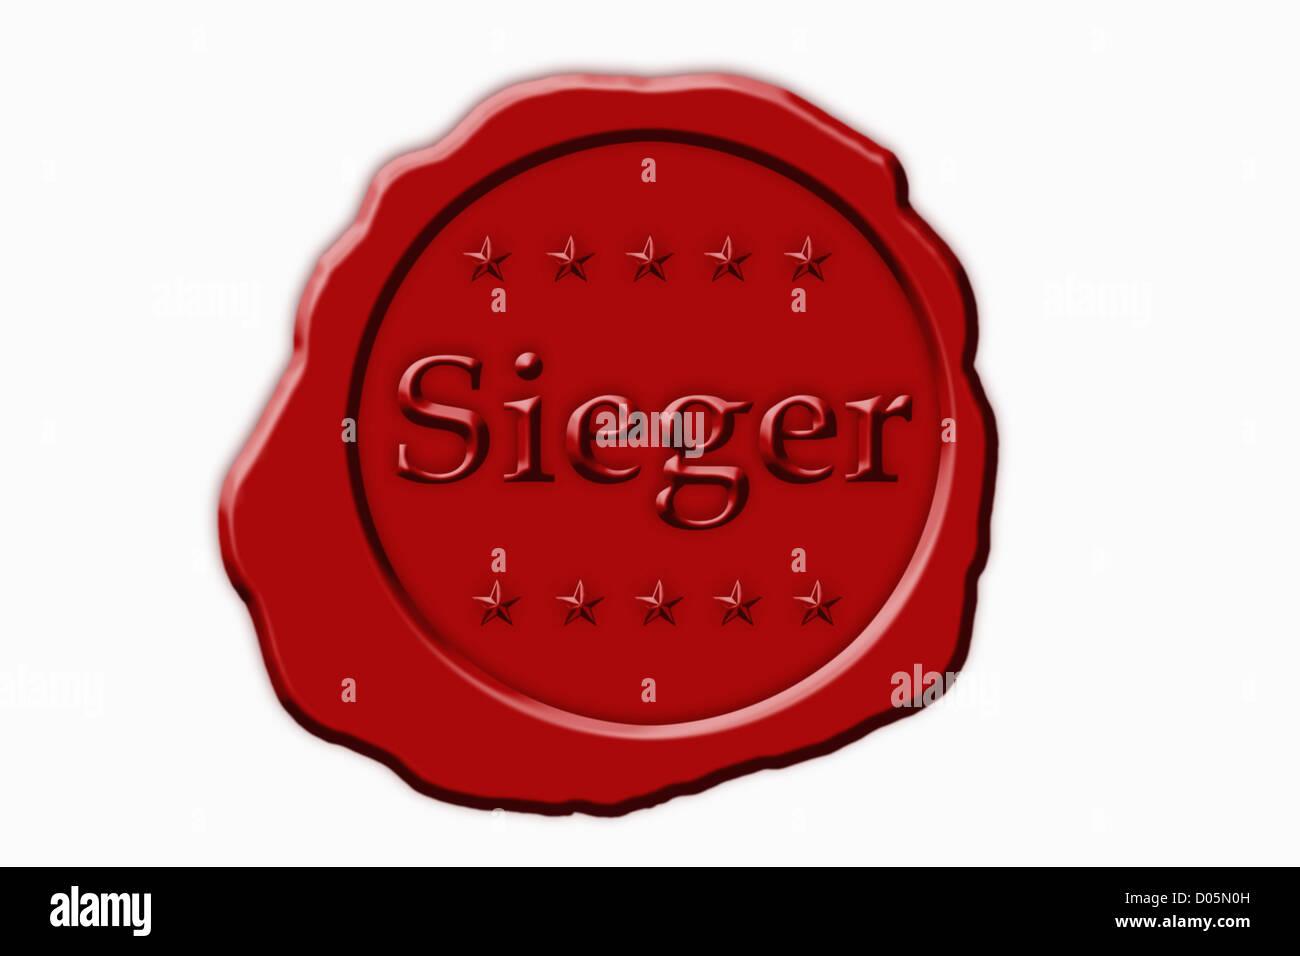 Detailansicht eines roten Siegels mit der Aufschrift Sieger | Detail photo of a red seal with the German inscription - Stock Image